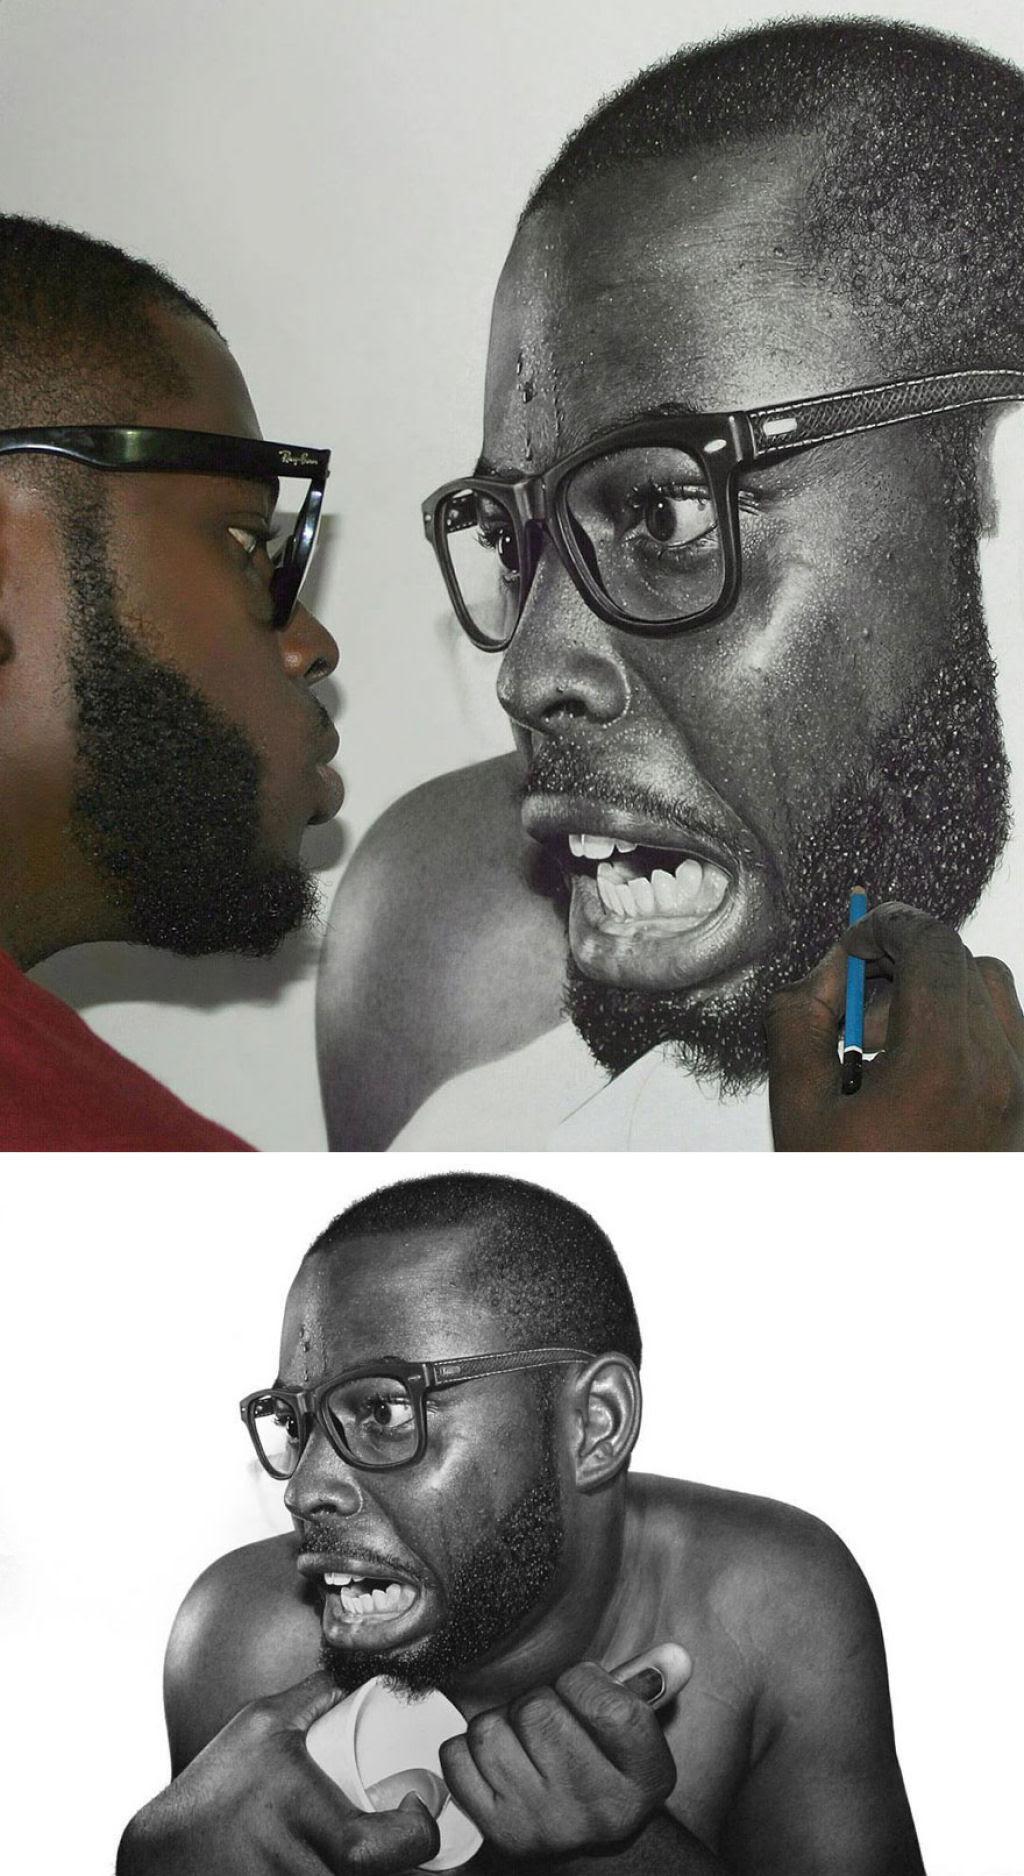 Retratos hiperrealistas de grande porte renderizados com grafite e carvão 03